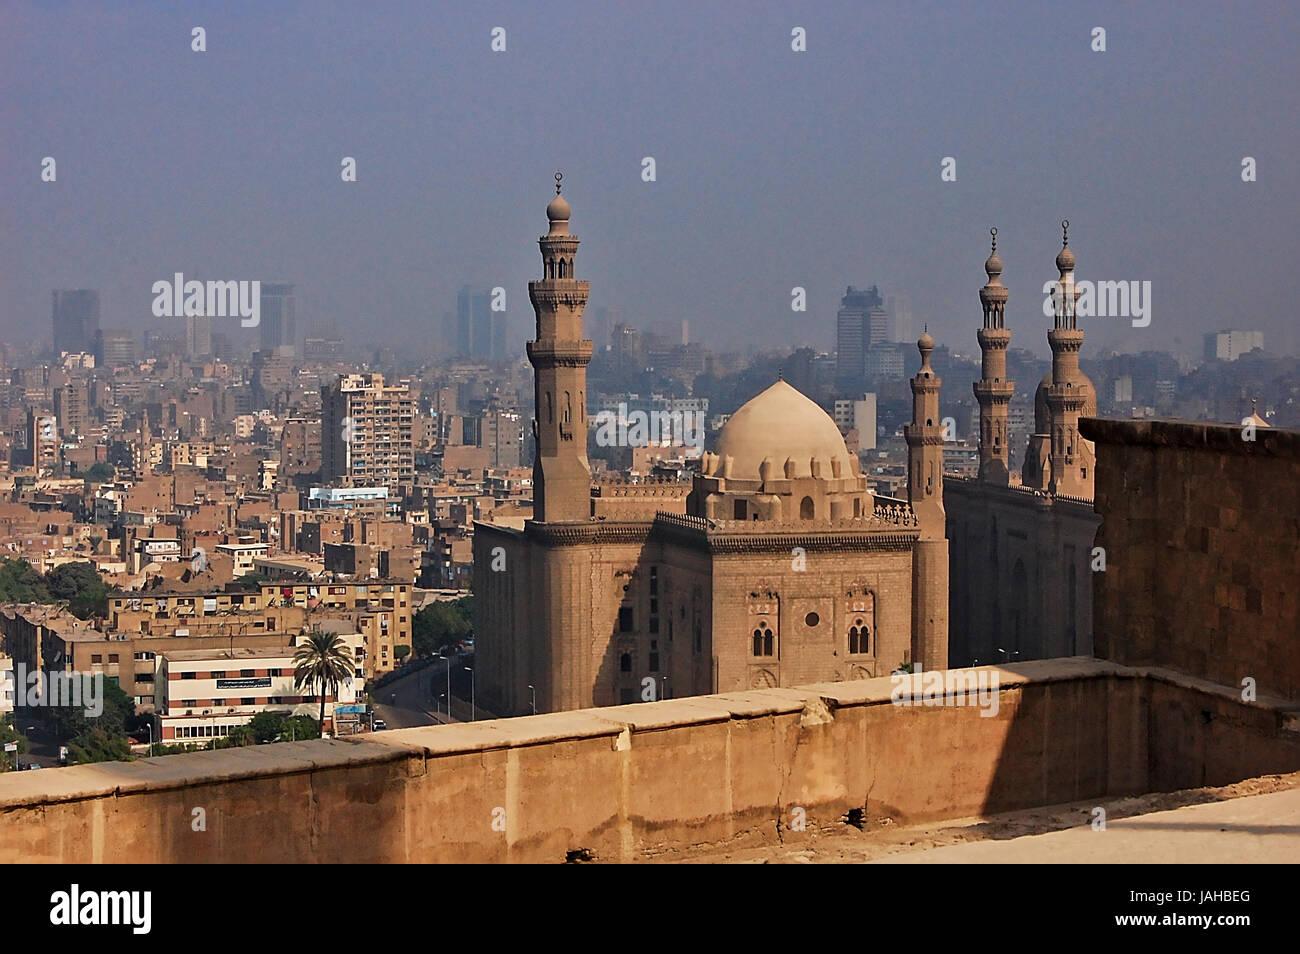 Fotografieren während einer Reise nach Ägypten im Jahr 2010 Stockbild